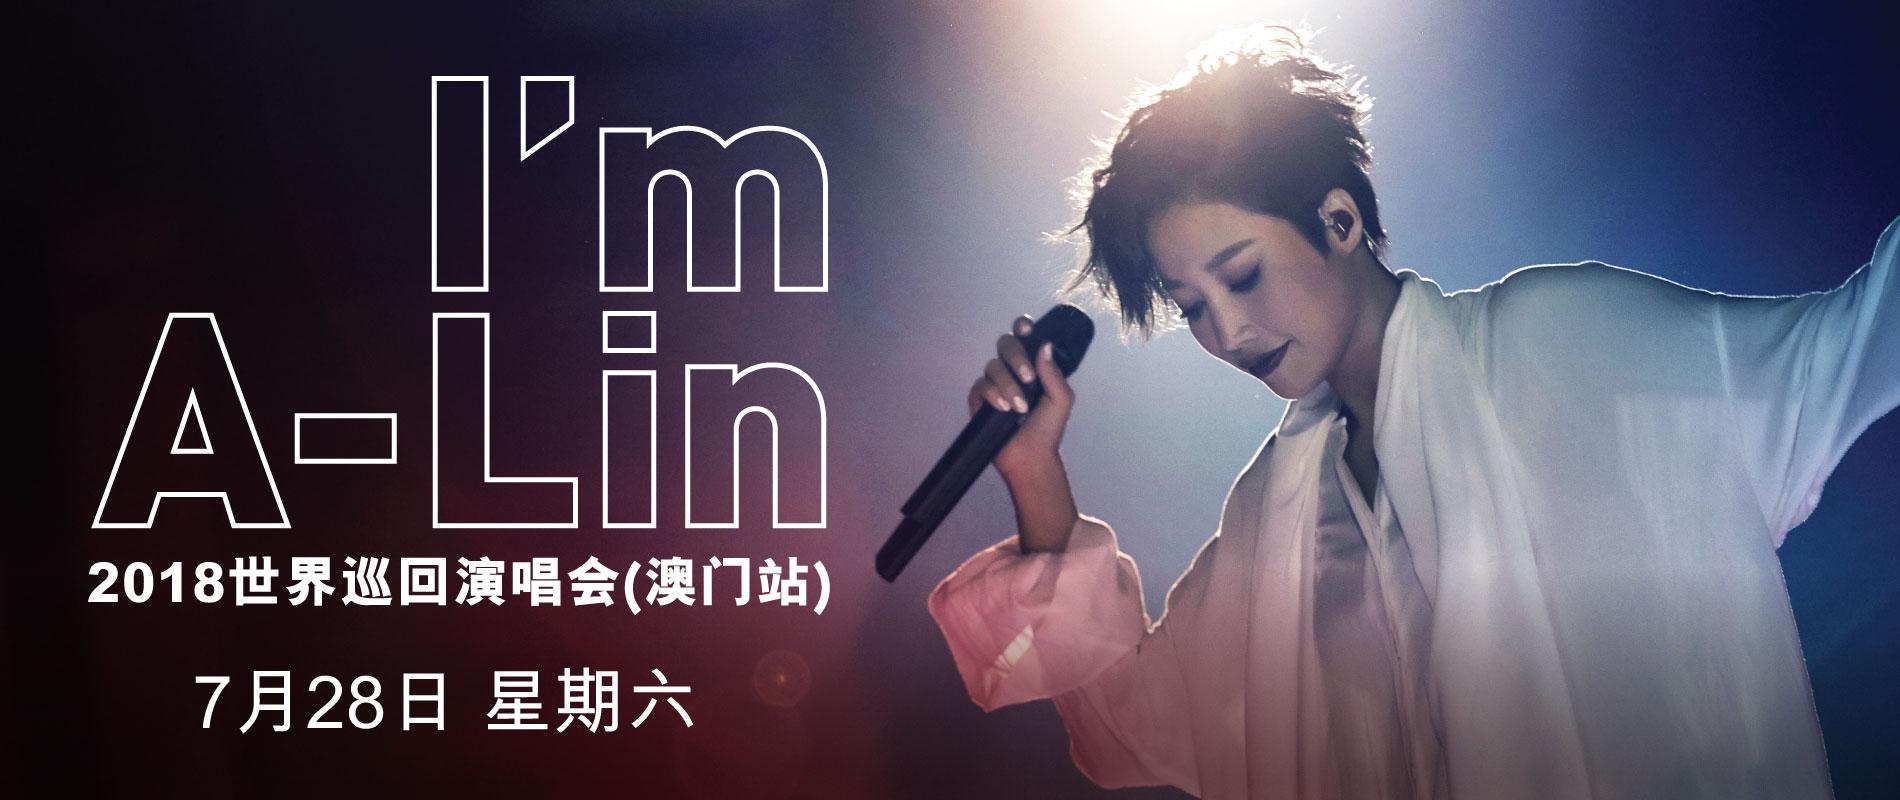 I'M A-LIN 2018世界巡回演唱会(澳门站)